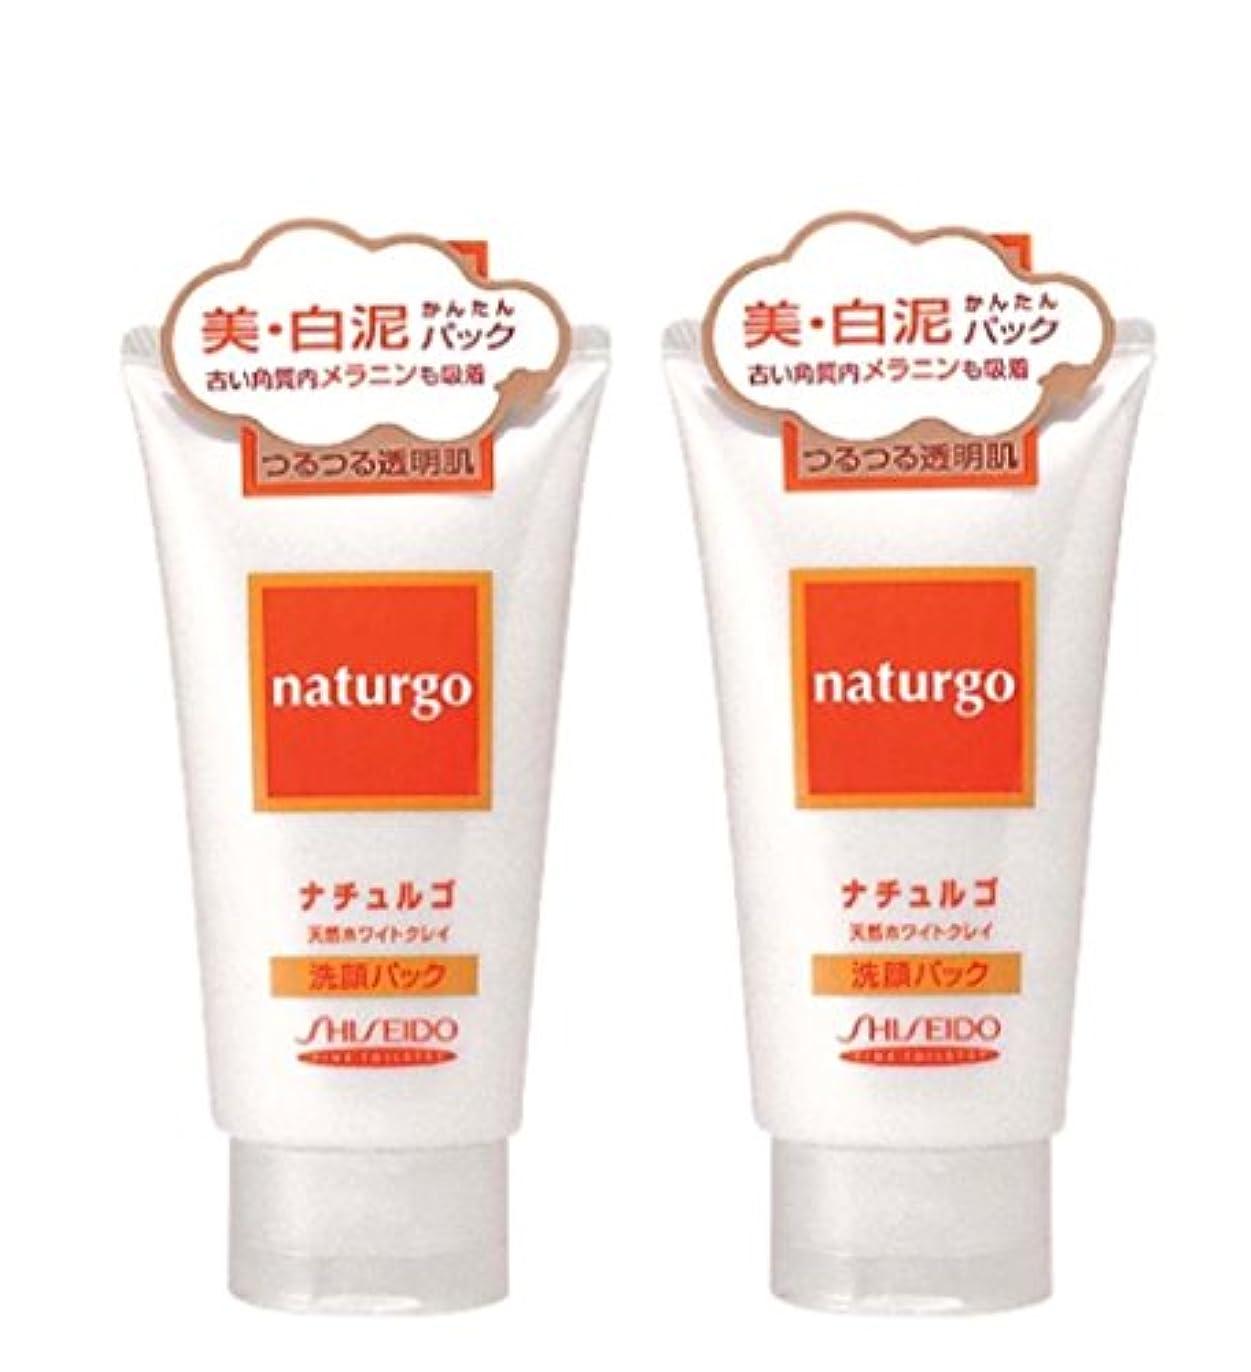 留め金一般的なピニオン【まとめ買い】ナチュルゴ 天然ホワイトクレイ洗顔パック 120g ×2セット